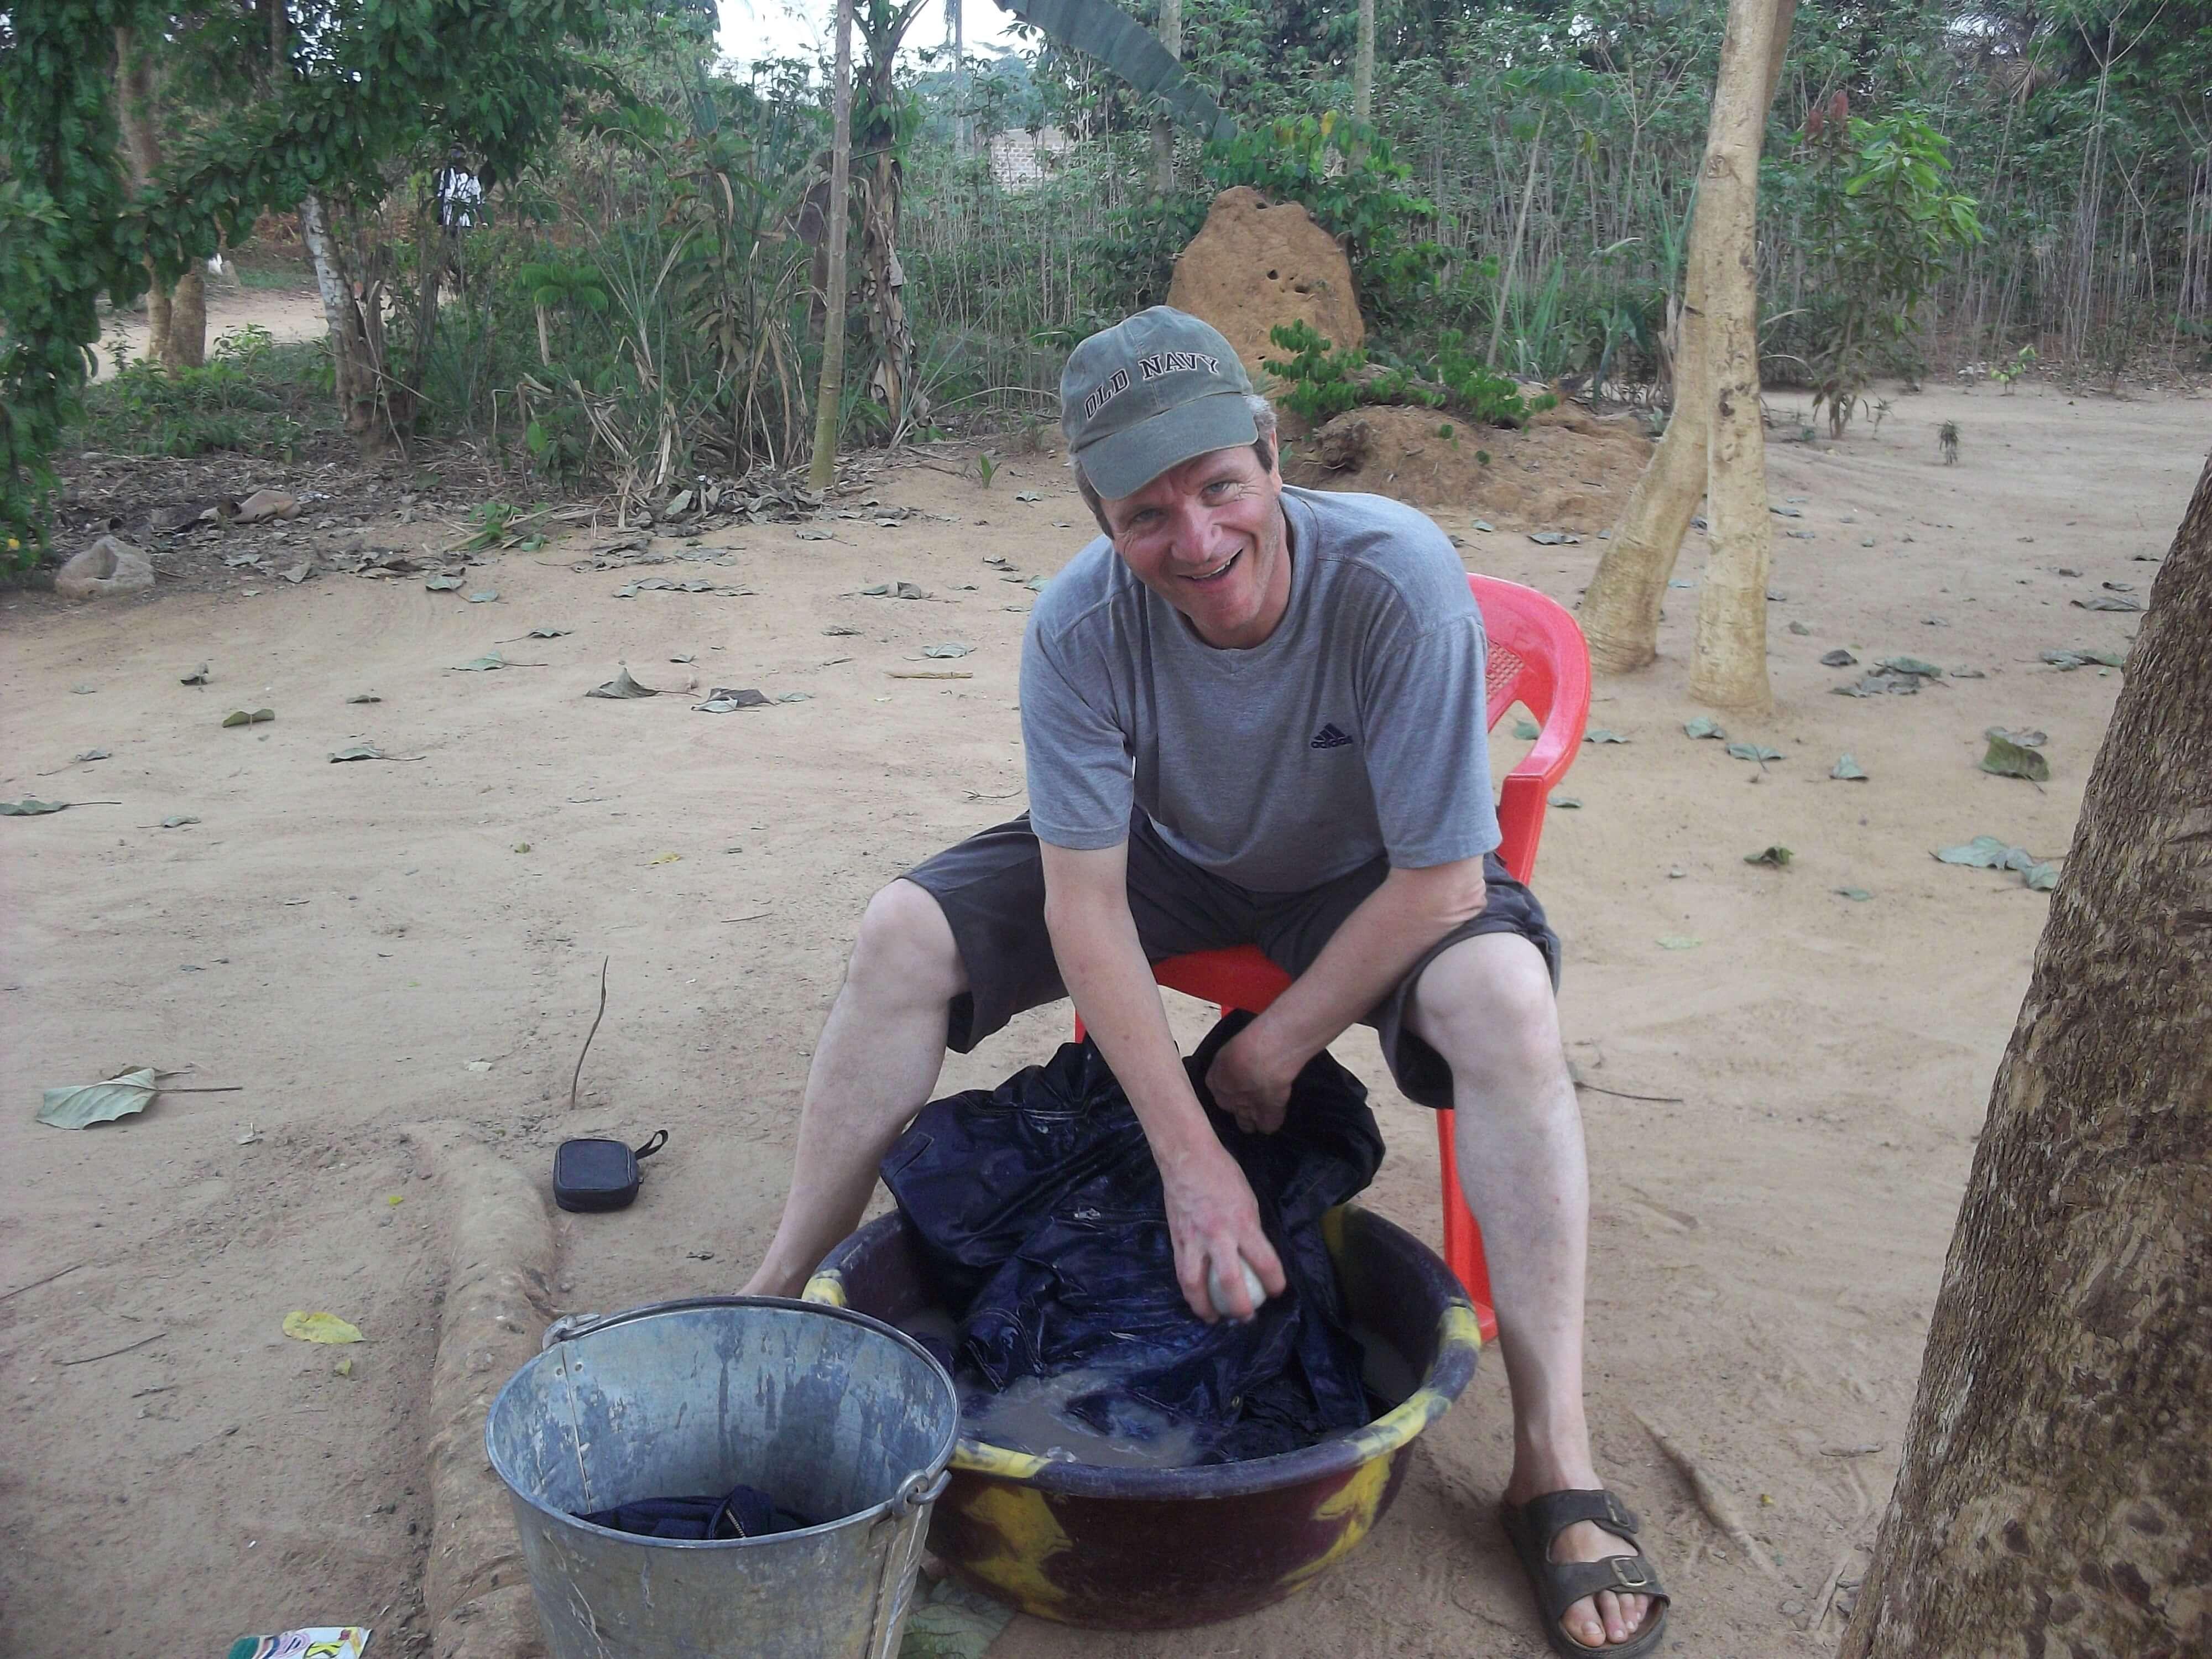 J'ai dû m'y mettre aussi ! Le Liberia, ça forme...